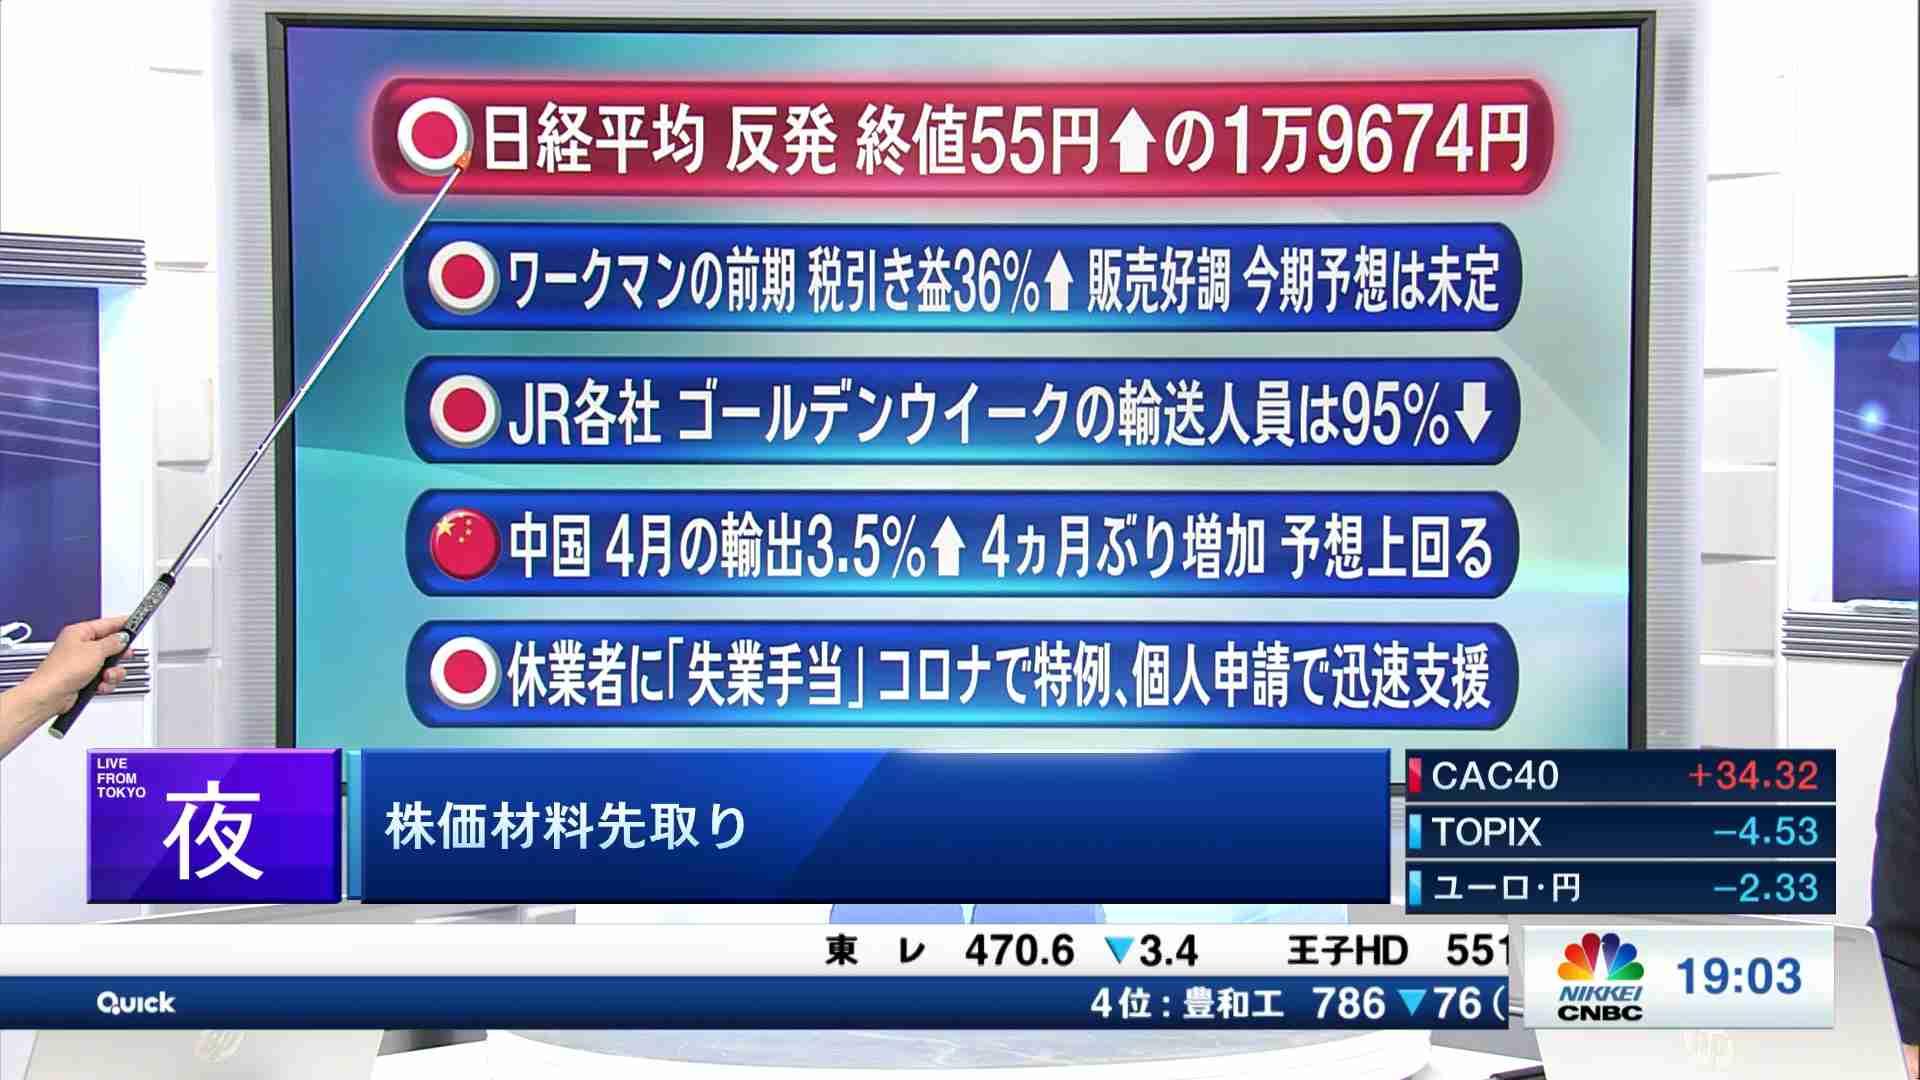 動画で見るマーケット・経済情報 日経チャンネルマーケッツ